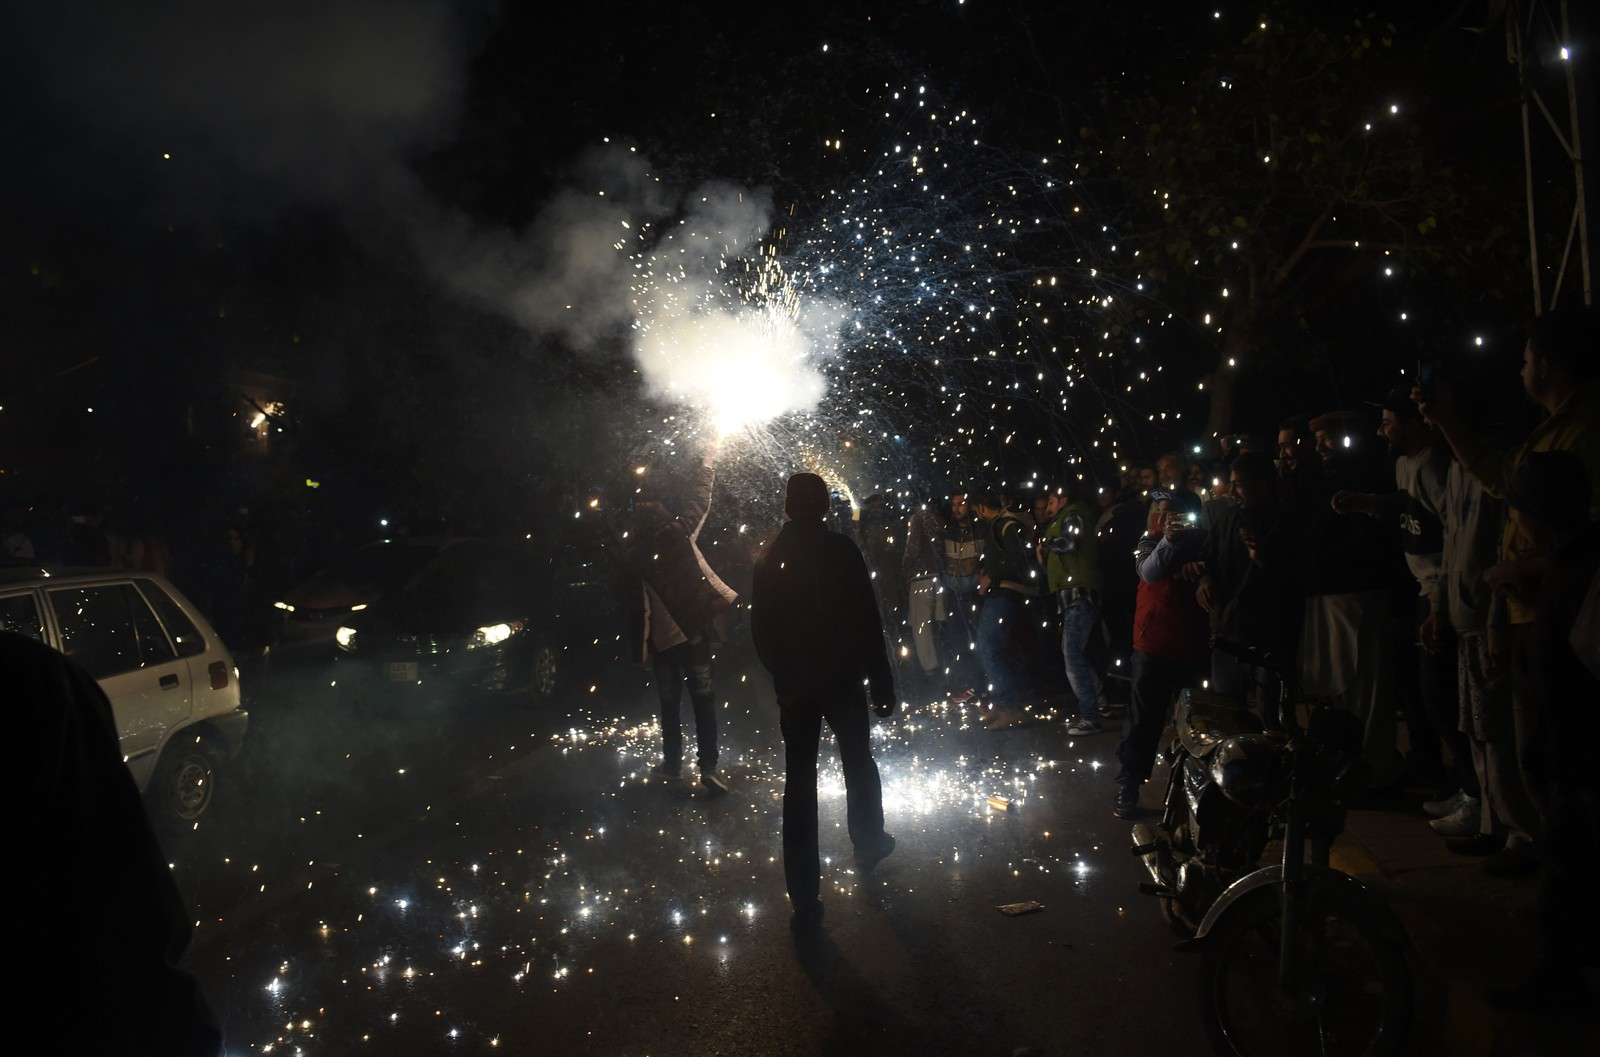 LAHORE: Ungdom fyrer av stjerneskudd og fyrverkeri i Lahore i Pakistan